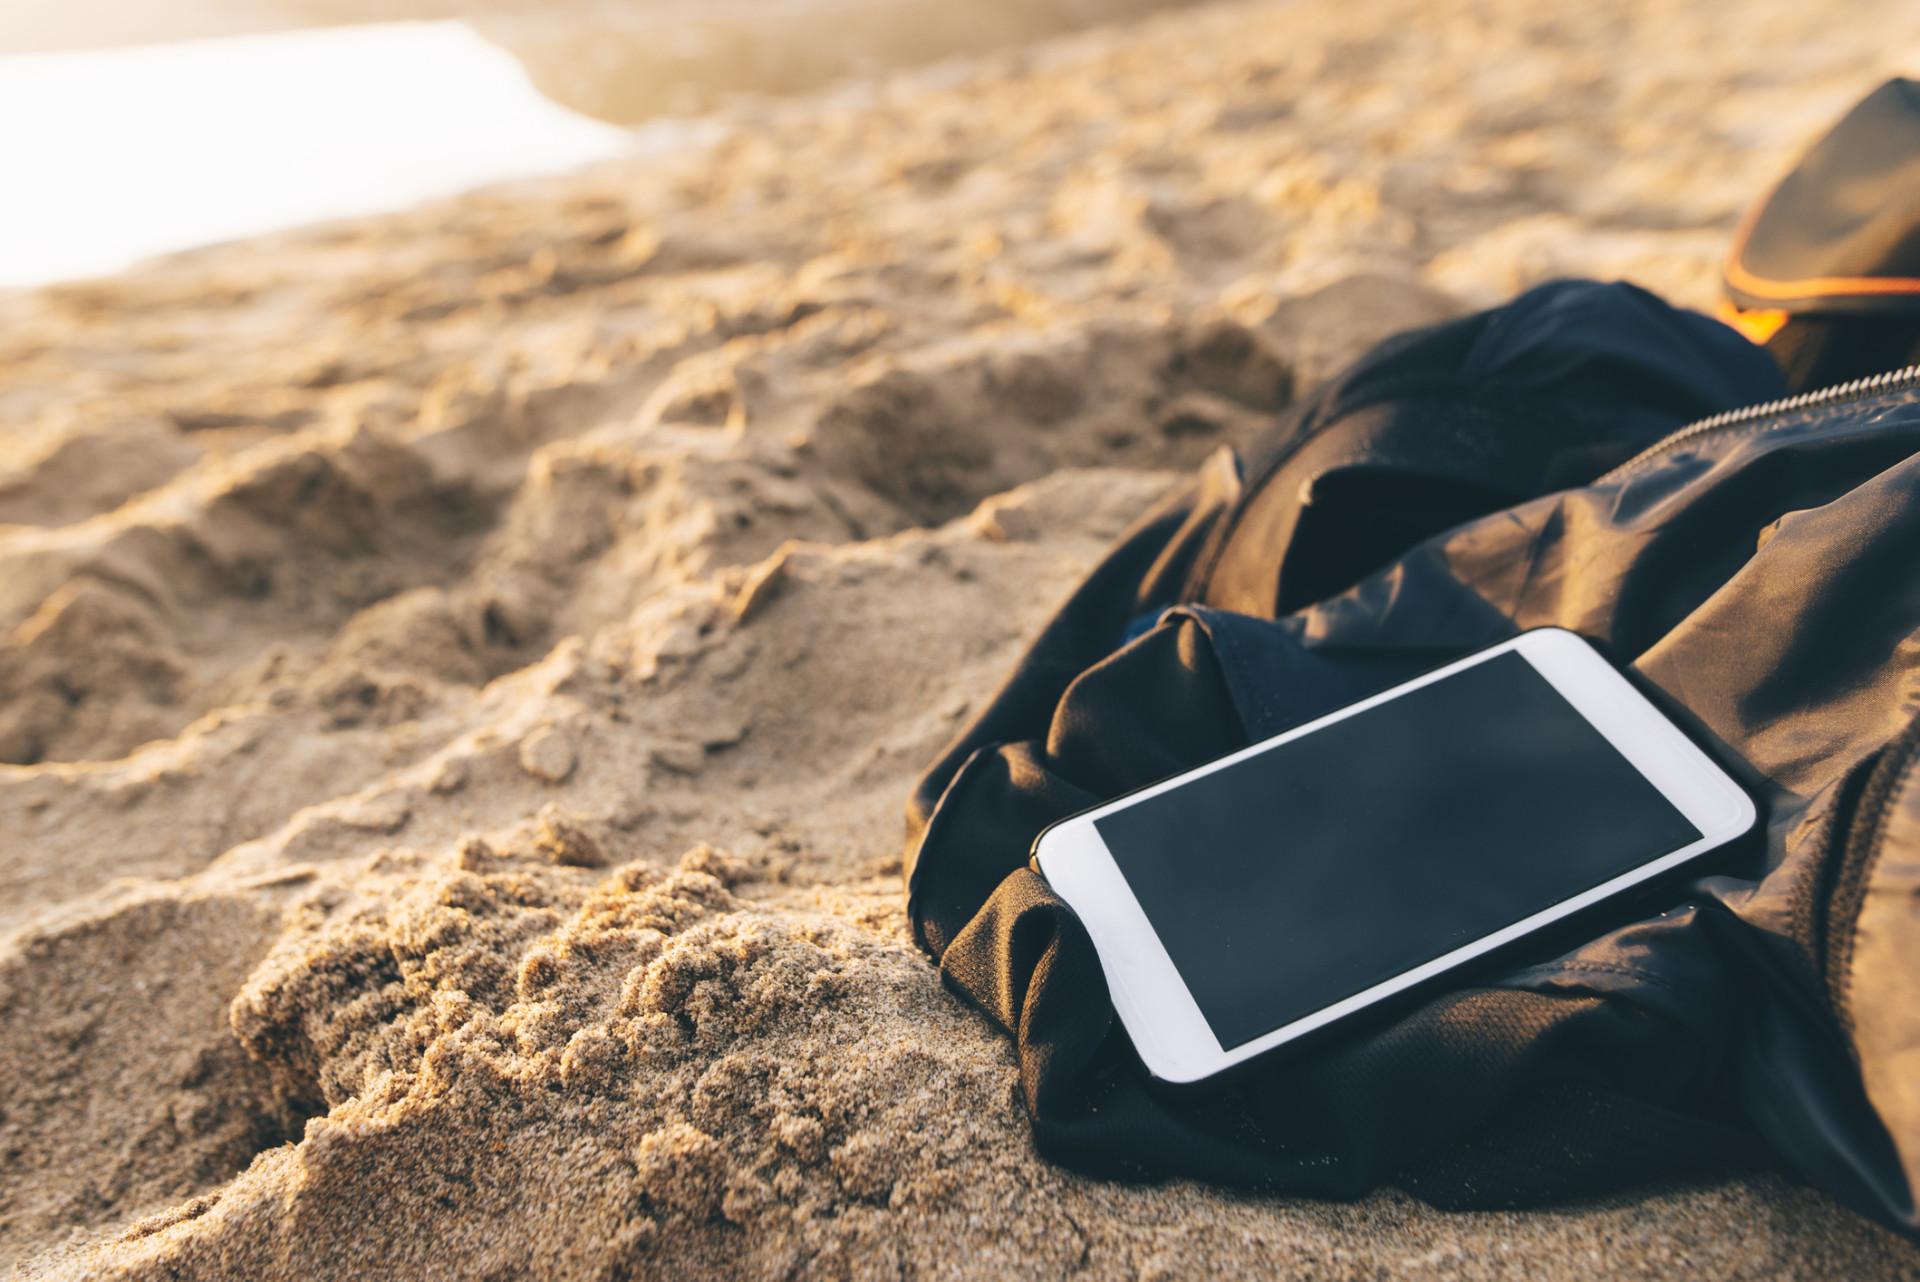 O seu smartphone aquece demasiado? Eis como o evitar